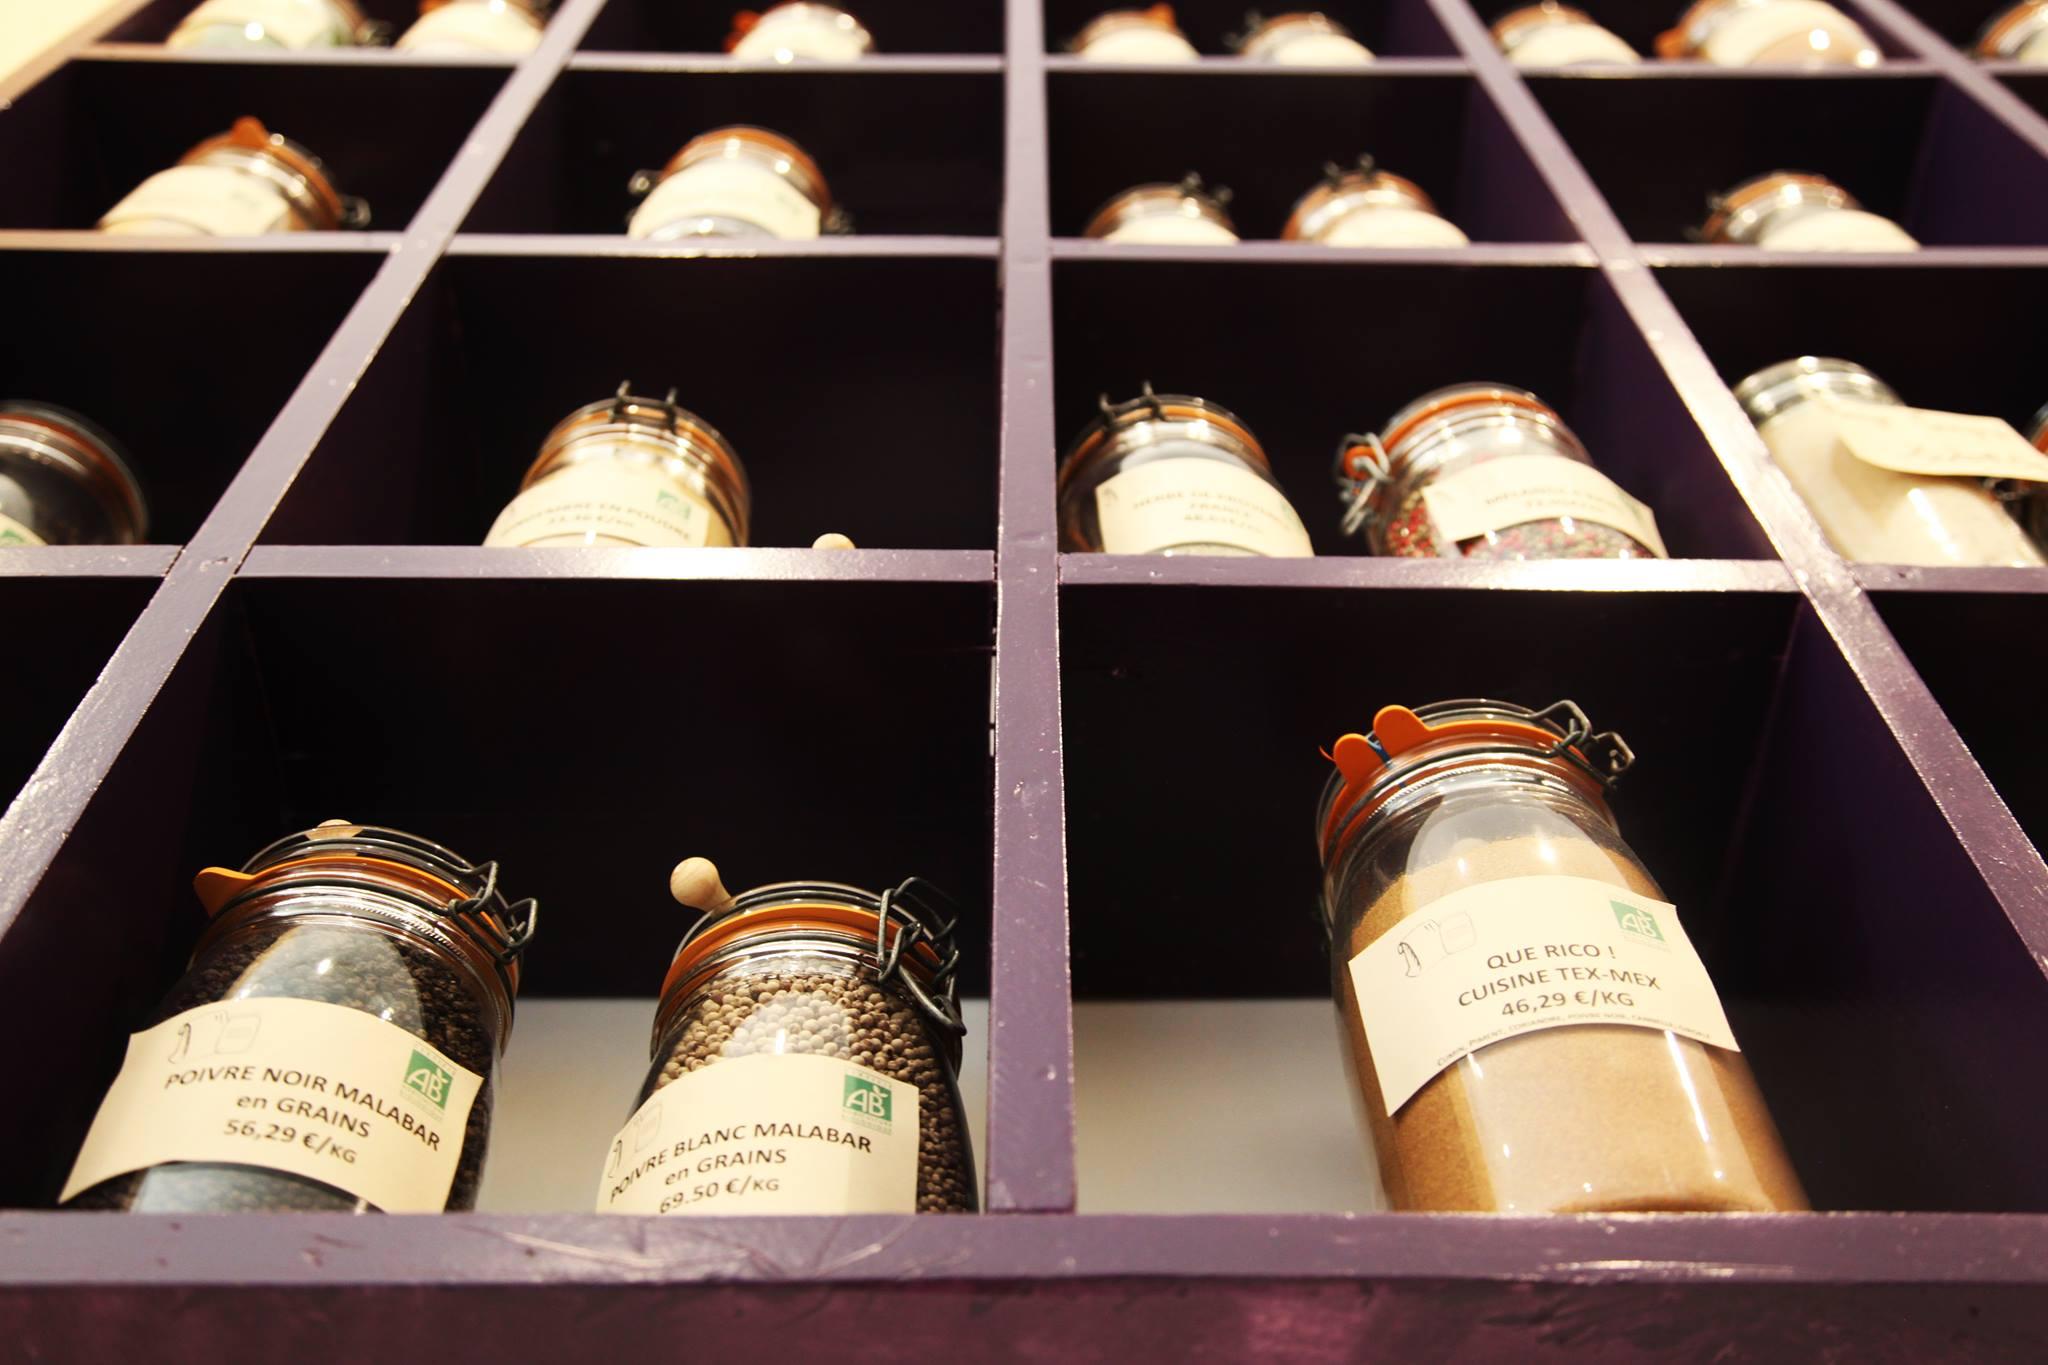 L'épicerie La Ressource (Aix-les-Bains, 73) Recherche Un.e «Epi-cuisinier.e» Associé.e CDI 35h